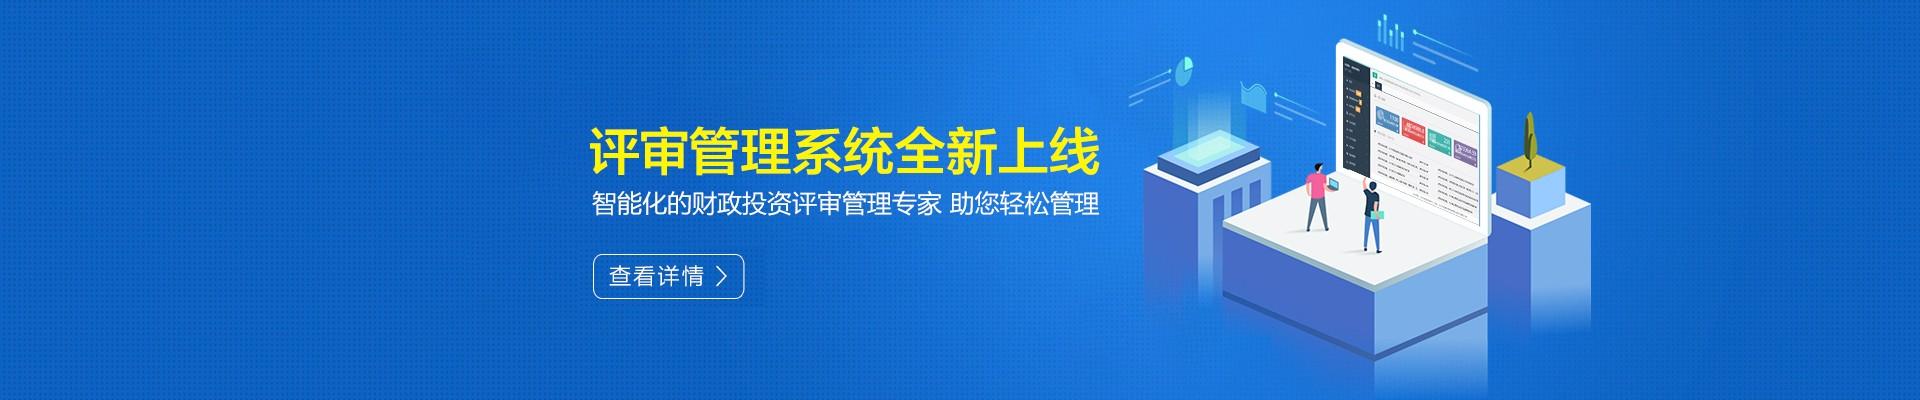 亚博体育官网app财政投资评审系统全新上线